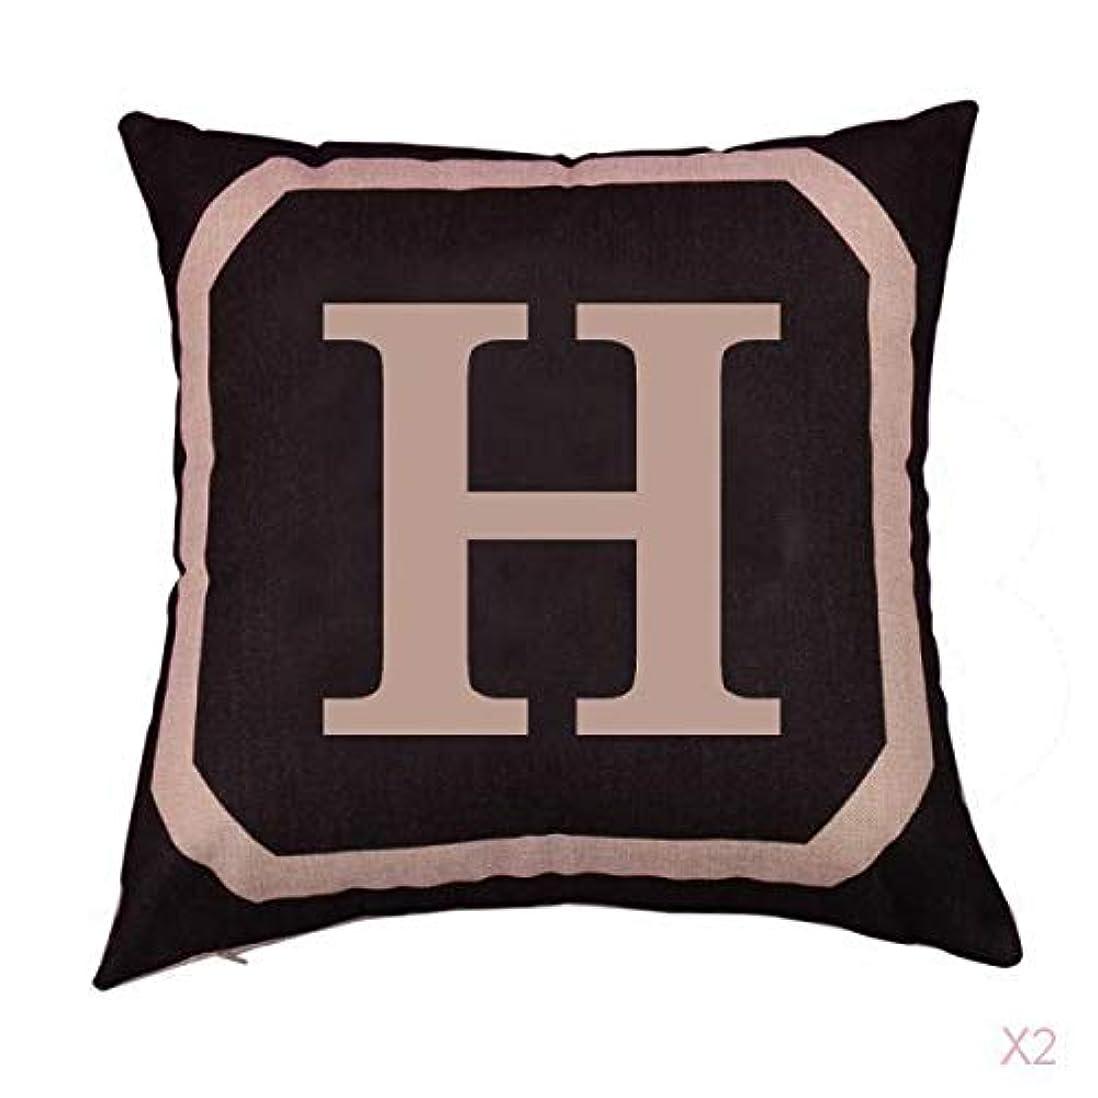 要件雨養う正方形の綿のリネンスローピローケース腰クッションカバーベッドソファ装飾さh